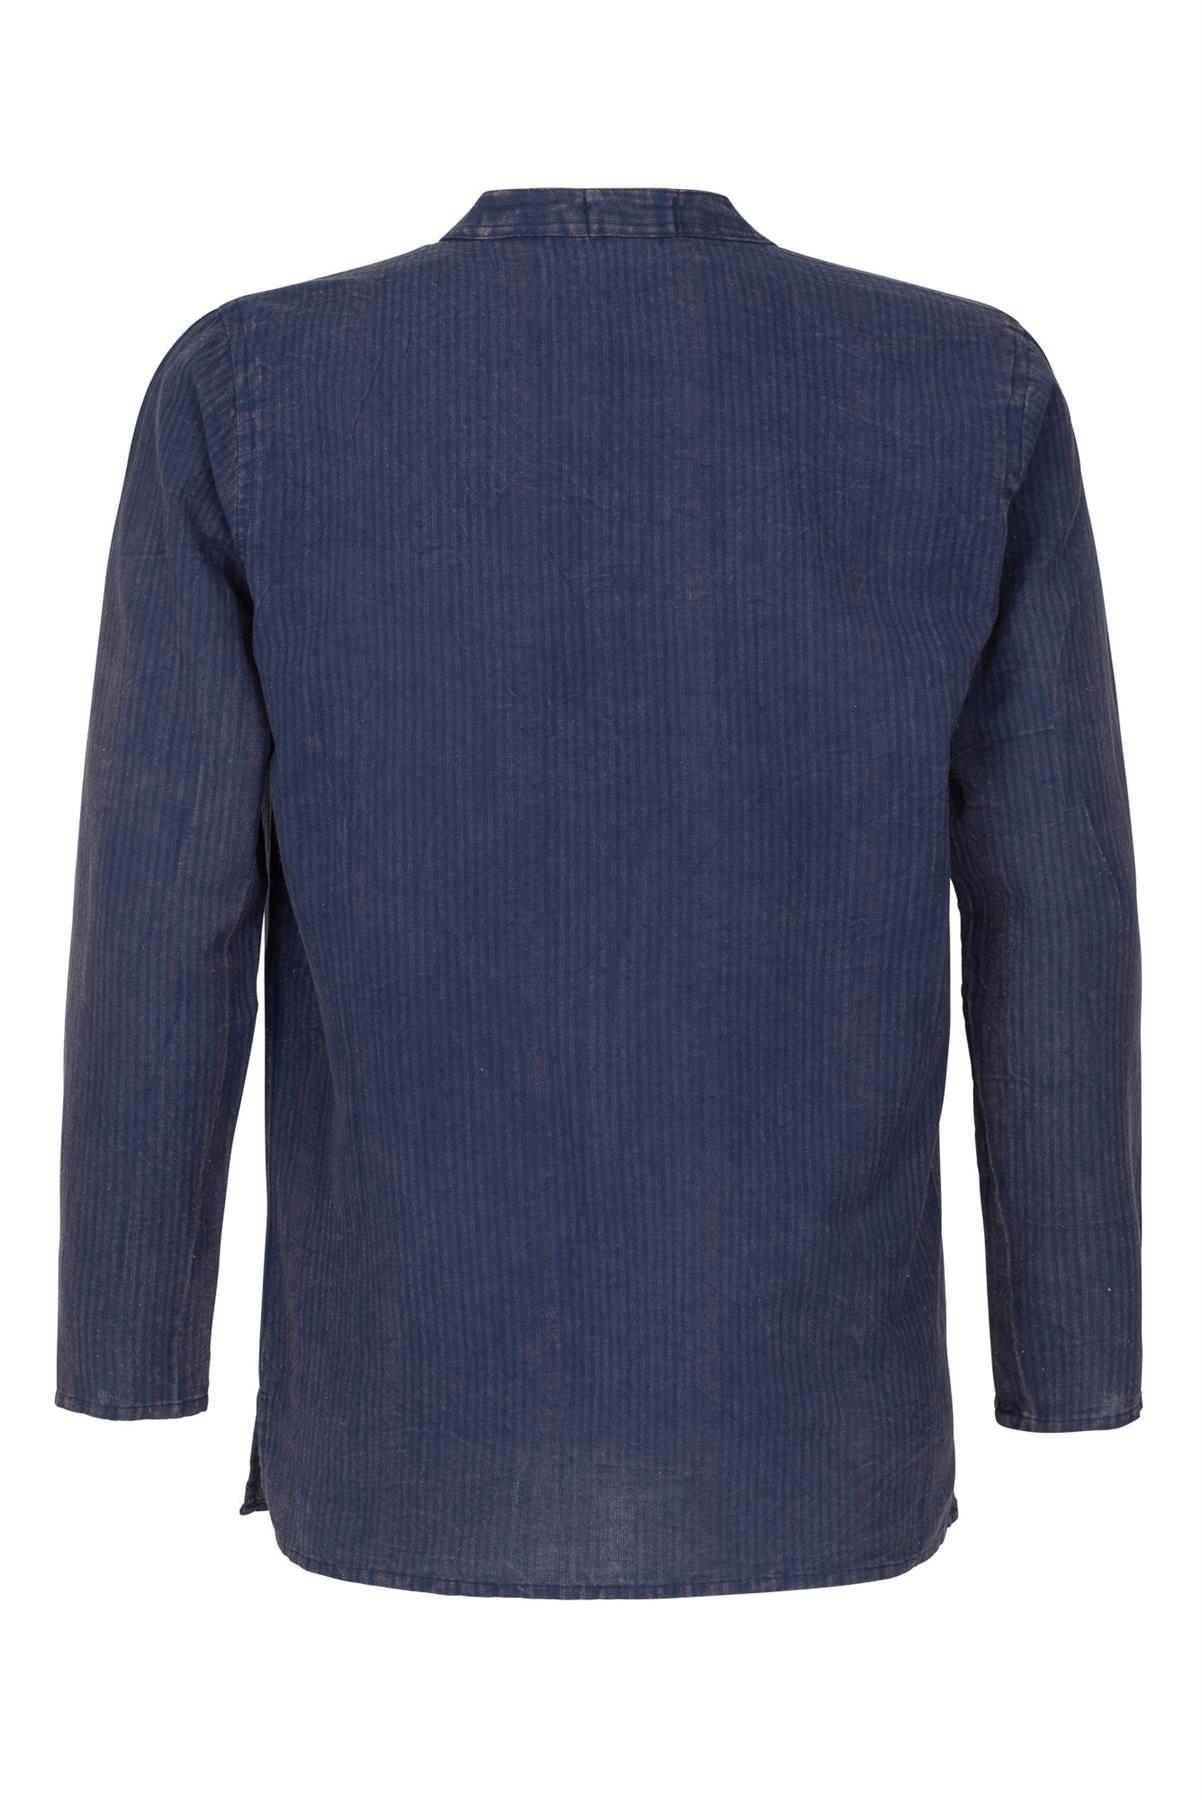 Mens Grandad Casual Shirts Mandarin Linen Blend Smart Shirt Long Sleeve Top RH07